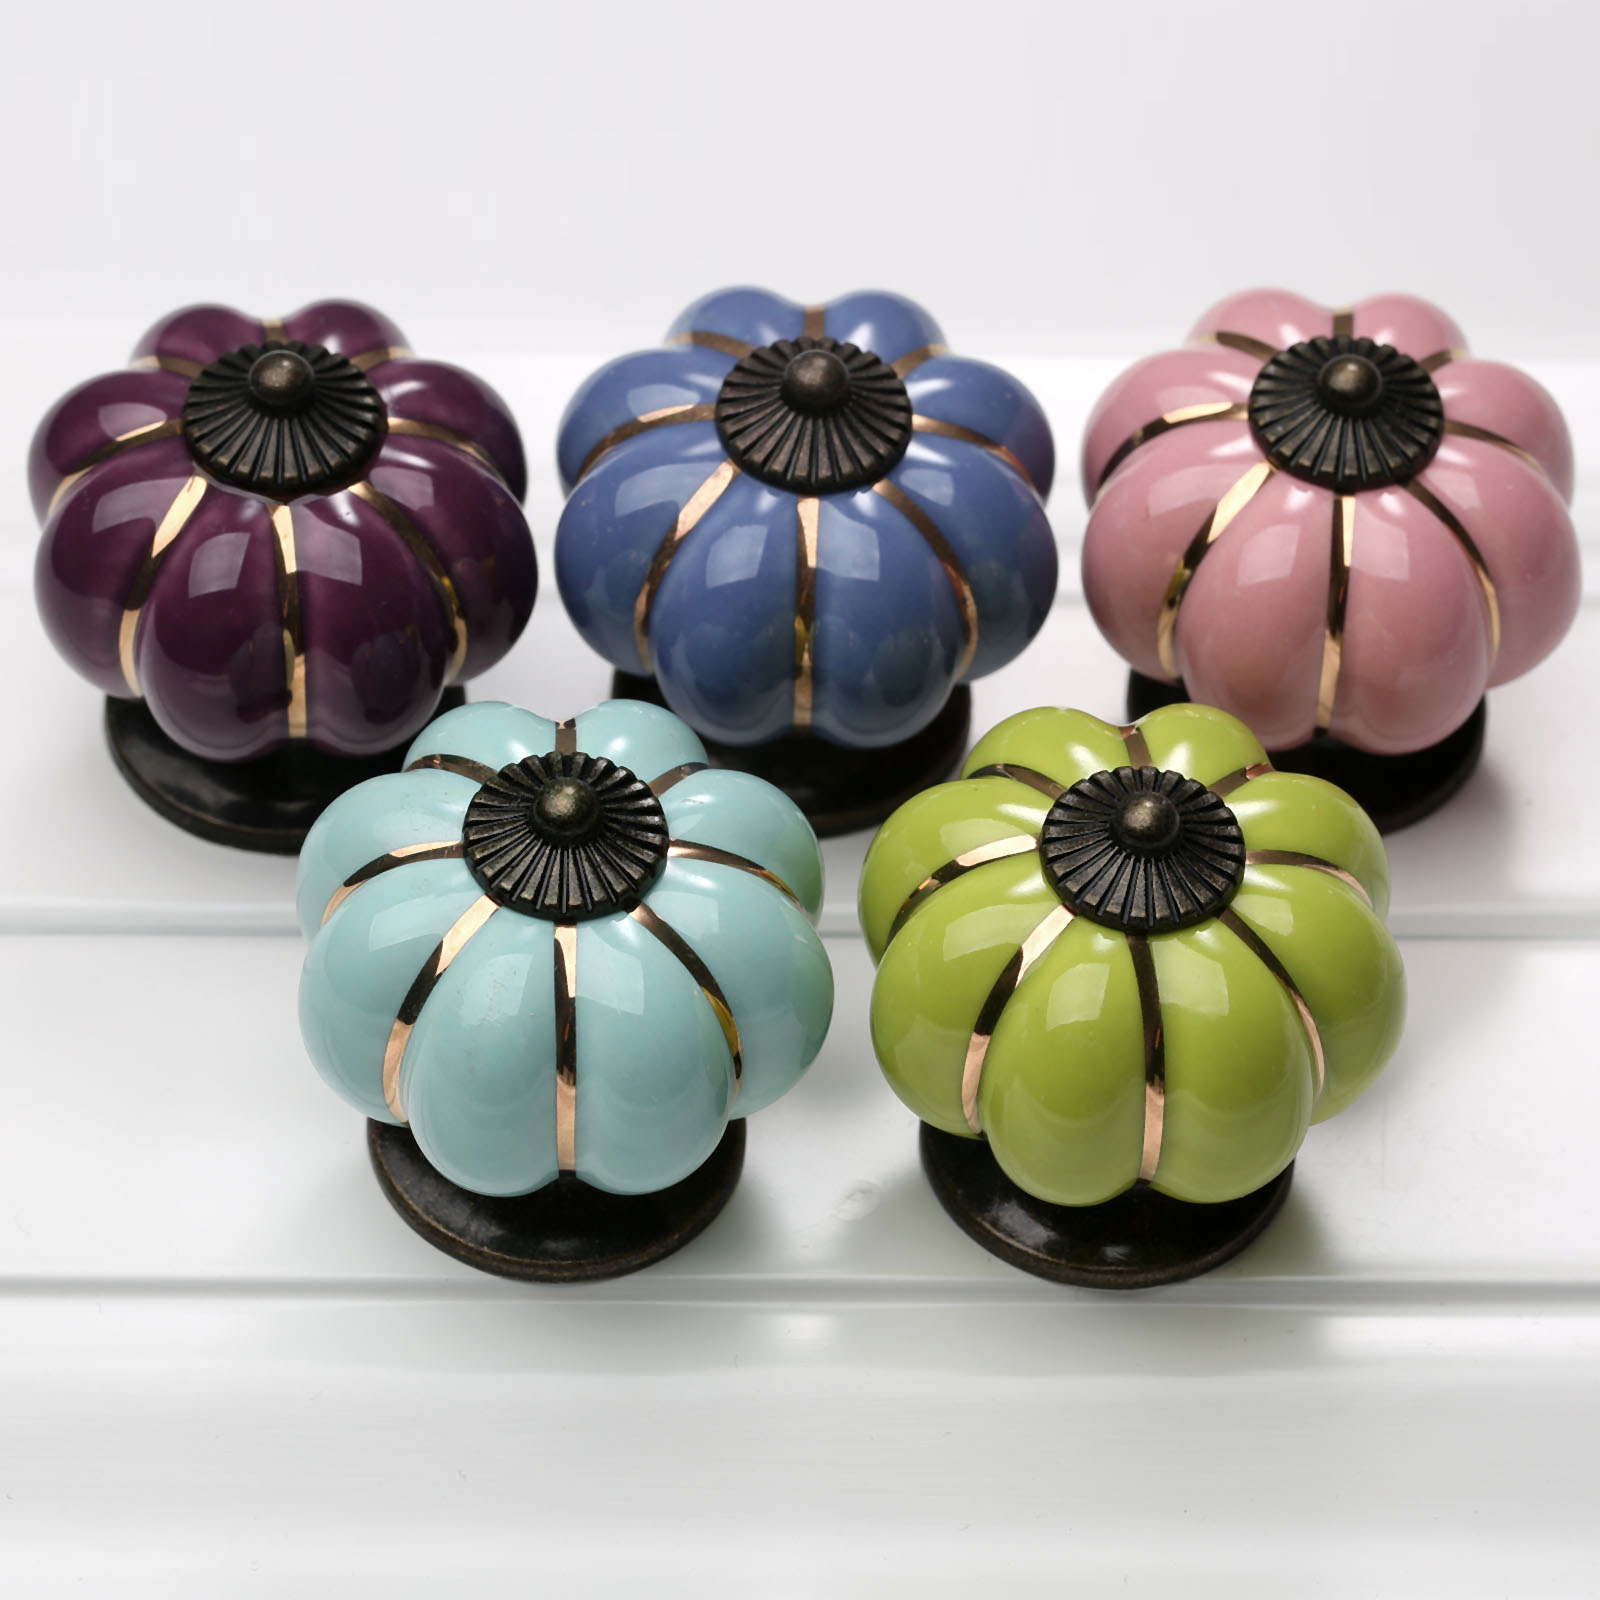 1х керамические ручки для шкафа и ручки дверные ручки ящика ручки тыквы Мебельная ручка для домашнего декора